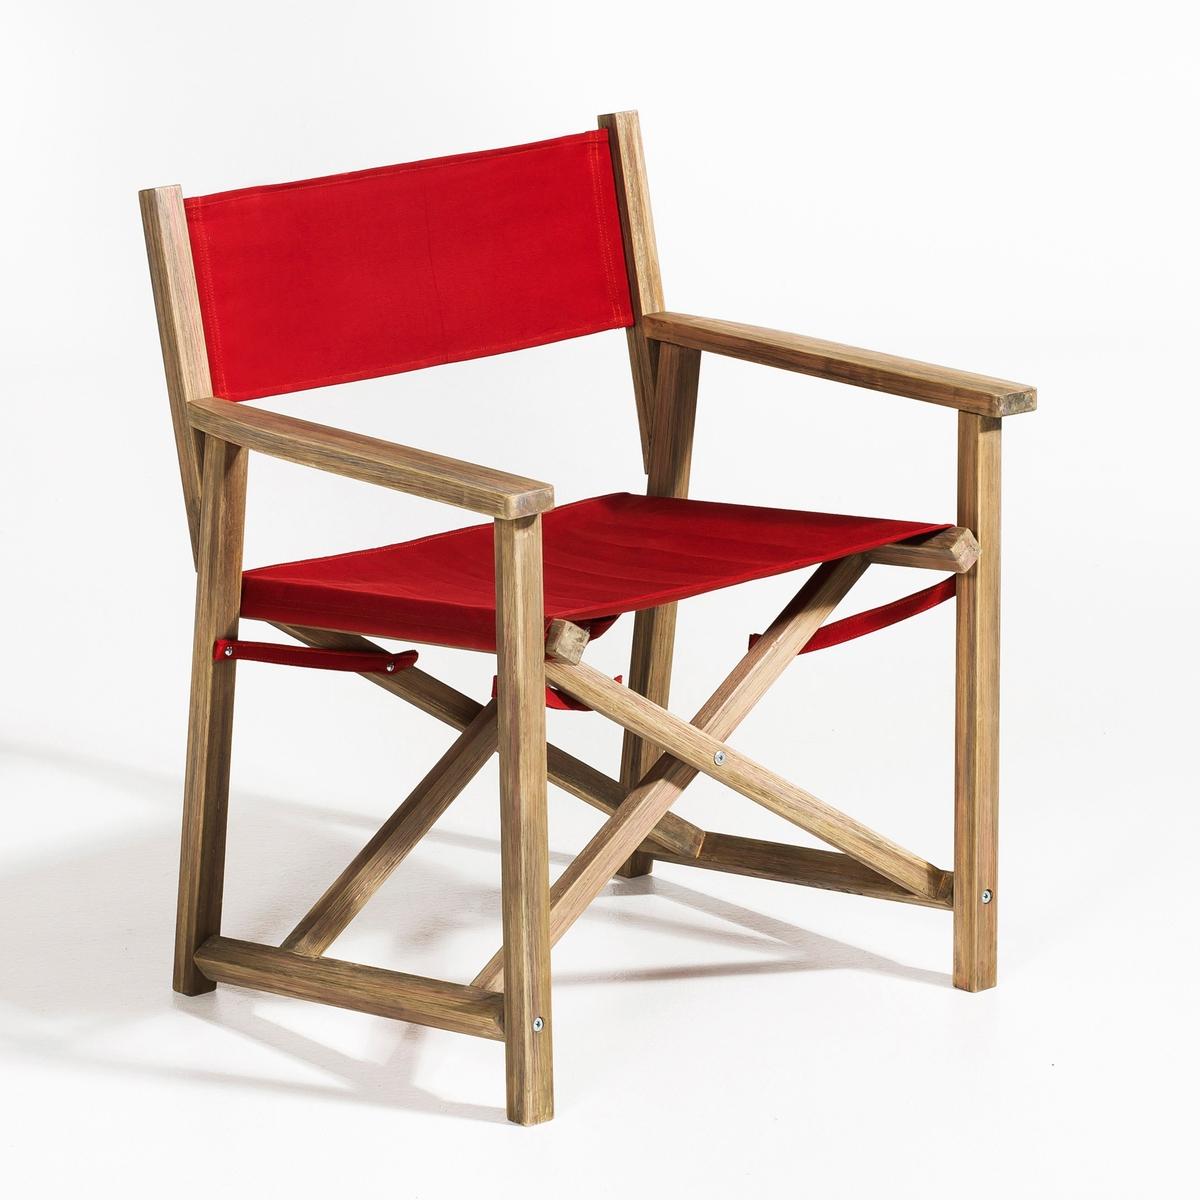 Кресло режиссёрское AlfredМодернизированное классическое  кресло, складное и удобное, для использования как в помещении, так и на открытом воздухе . Каркас из искусственно состаренной акации . Полотно, 100% хлопка. Высота спинки 40 см. Д.63 x Г.55 x В.74 см.<br><br>Цвет: белый,кирпичный<br>Размер: единый размер